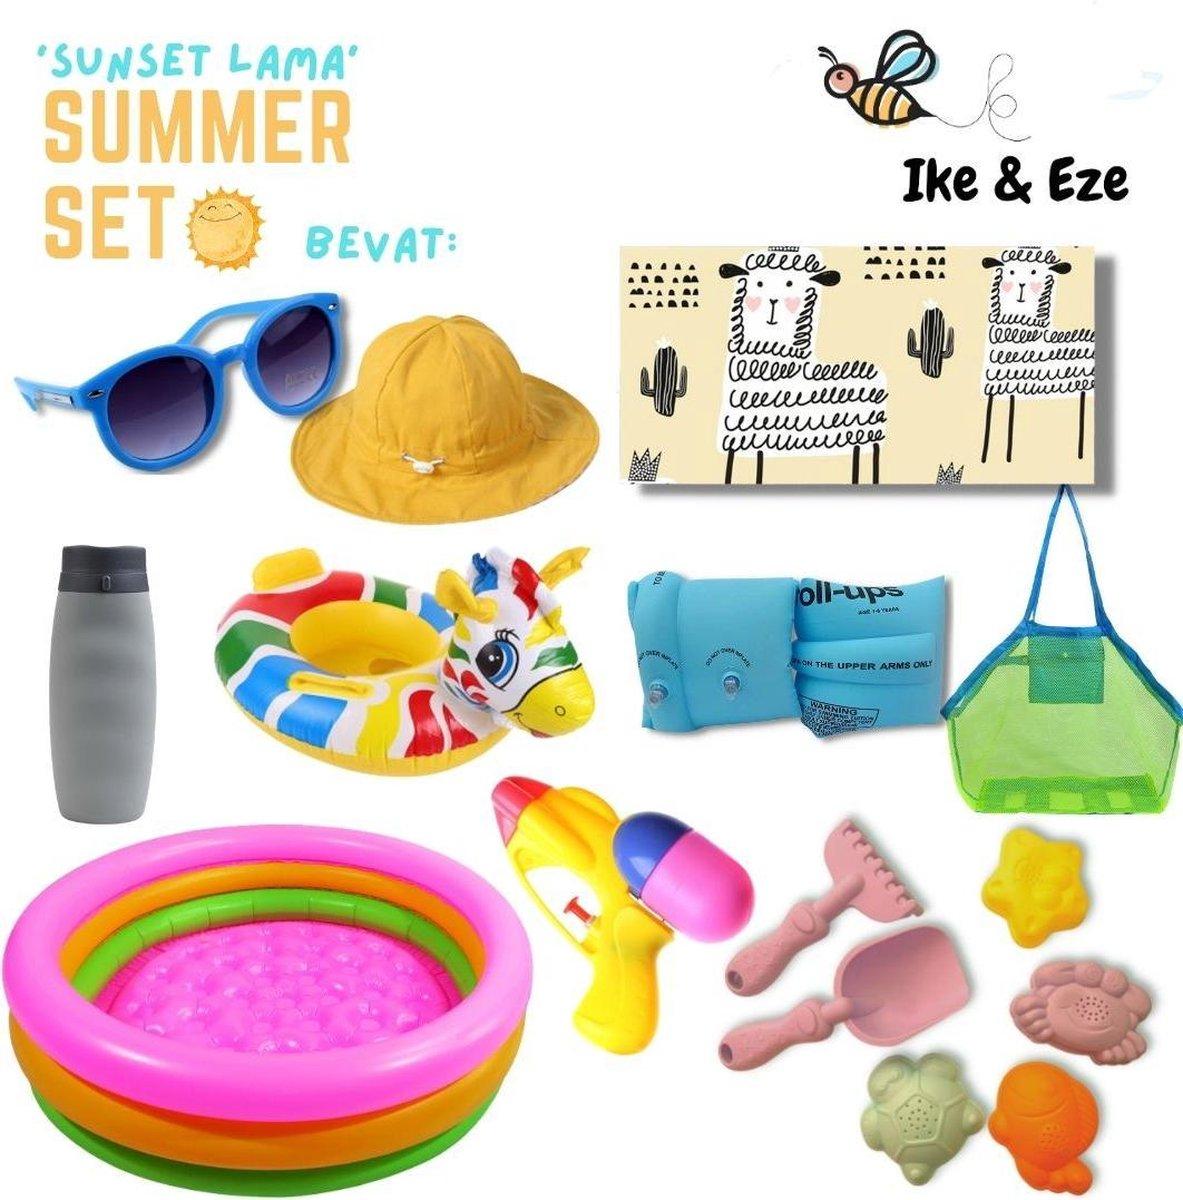 'Curly Sheep' Summer Set - Zomer Set - Strandlaken - strandtas - drinkfles - zonnebril - zon hoedje - opblaasbaar zwembad, zwembandjes en zwemband - zandvormpjes - schepje - hakje - waterpistooltje